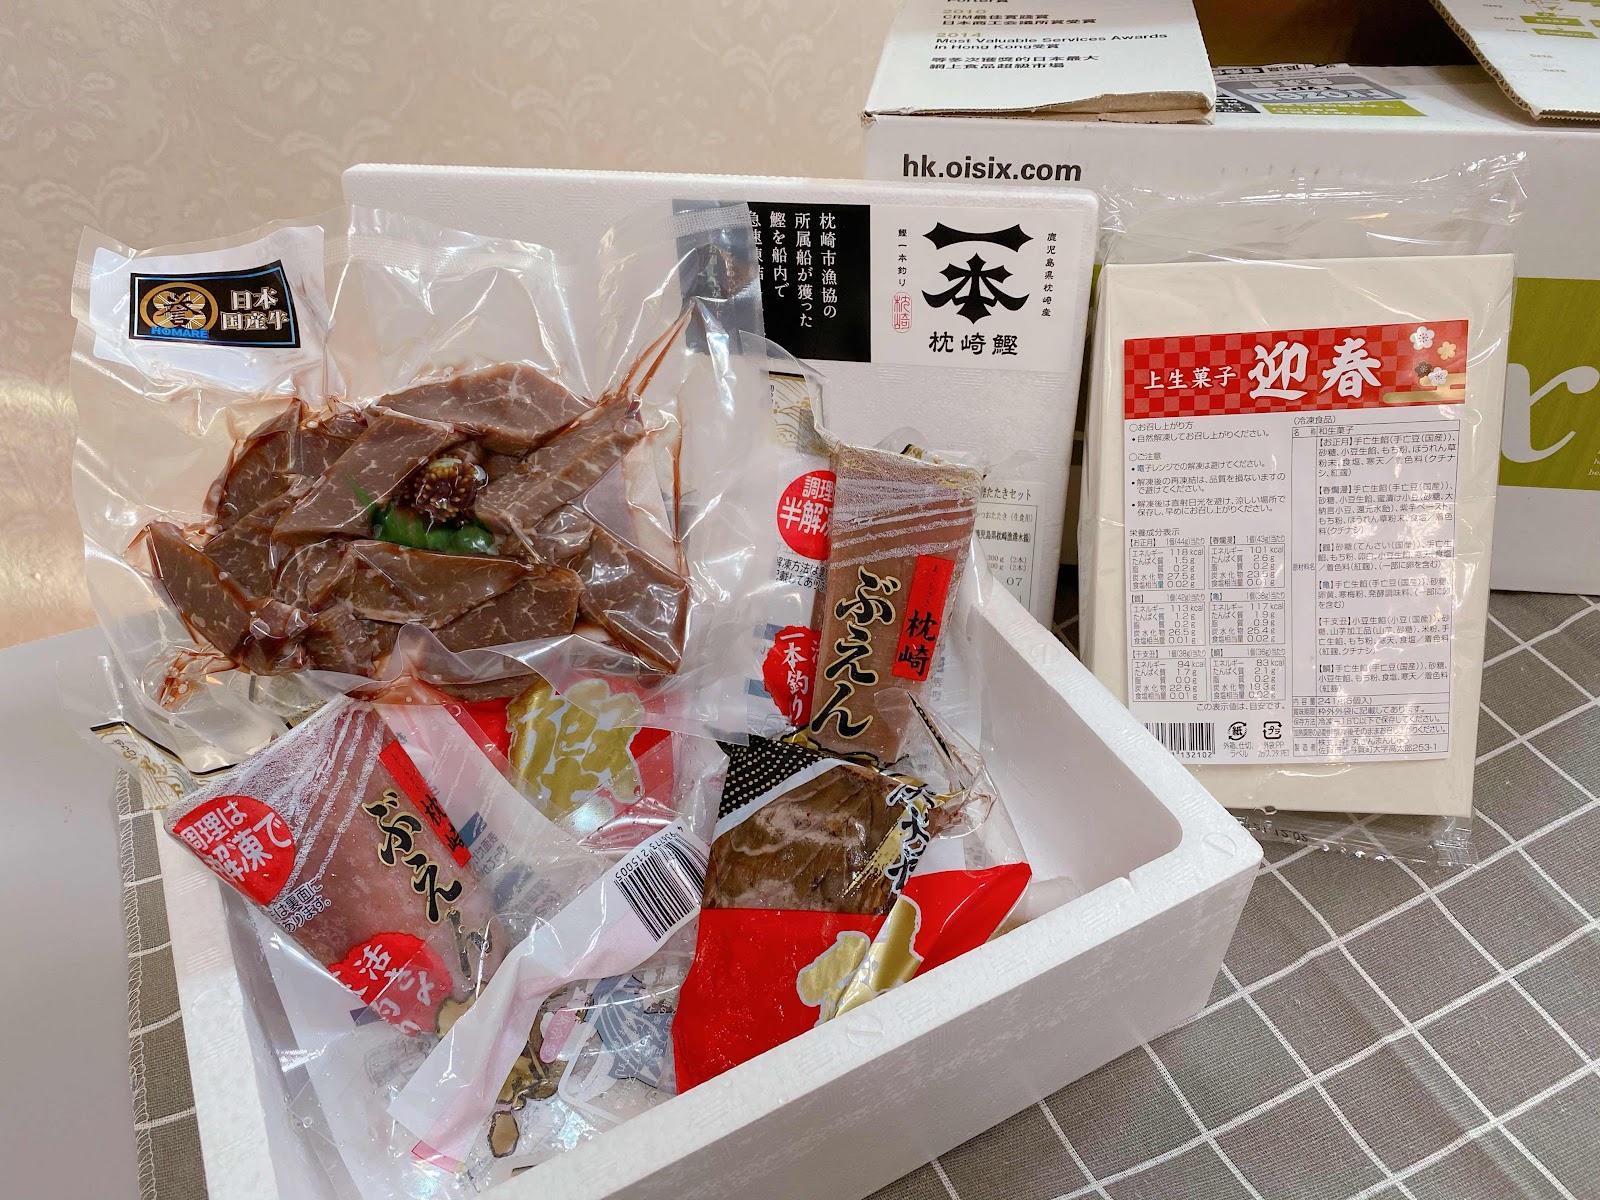 新鮮日本食材 Oisix Hong Kong